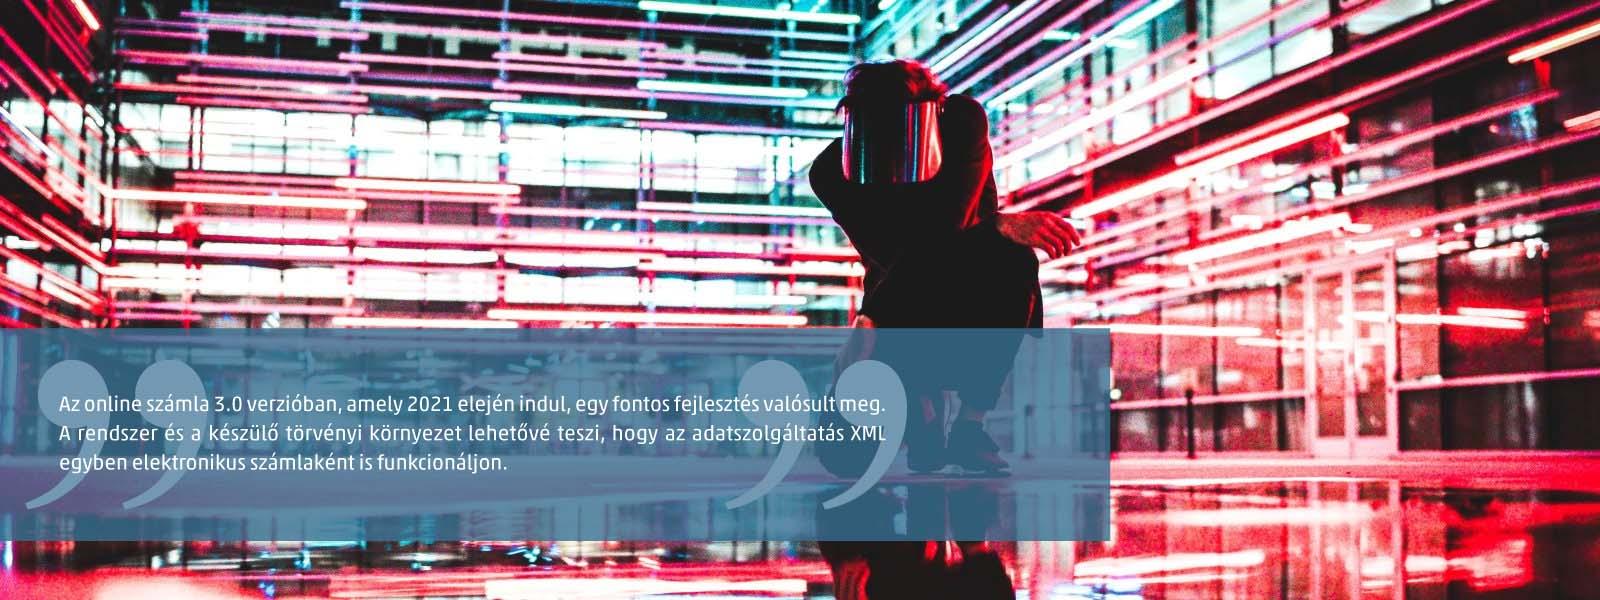 Online számla 3.0 – beindul az automatizálás?